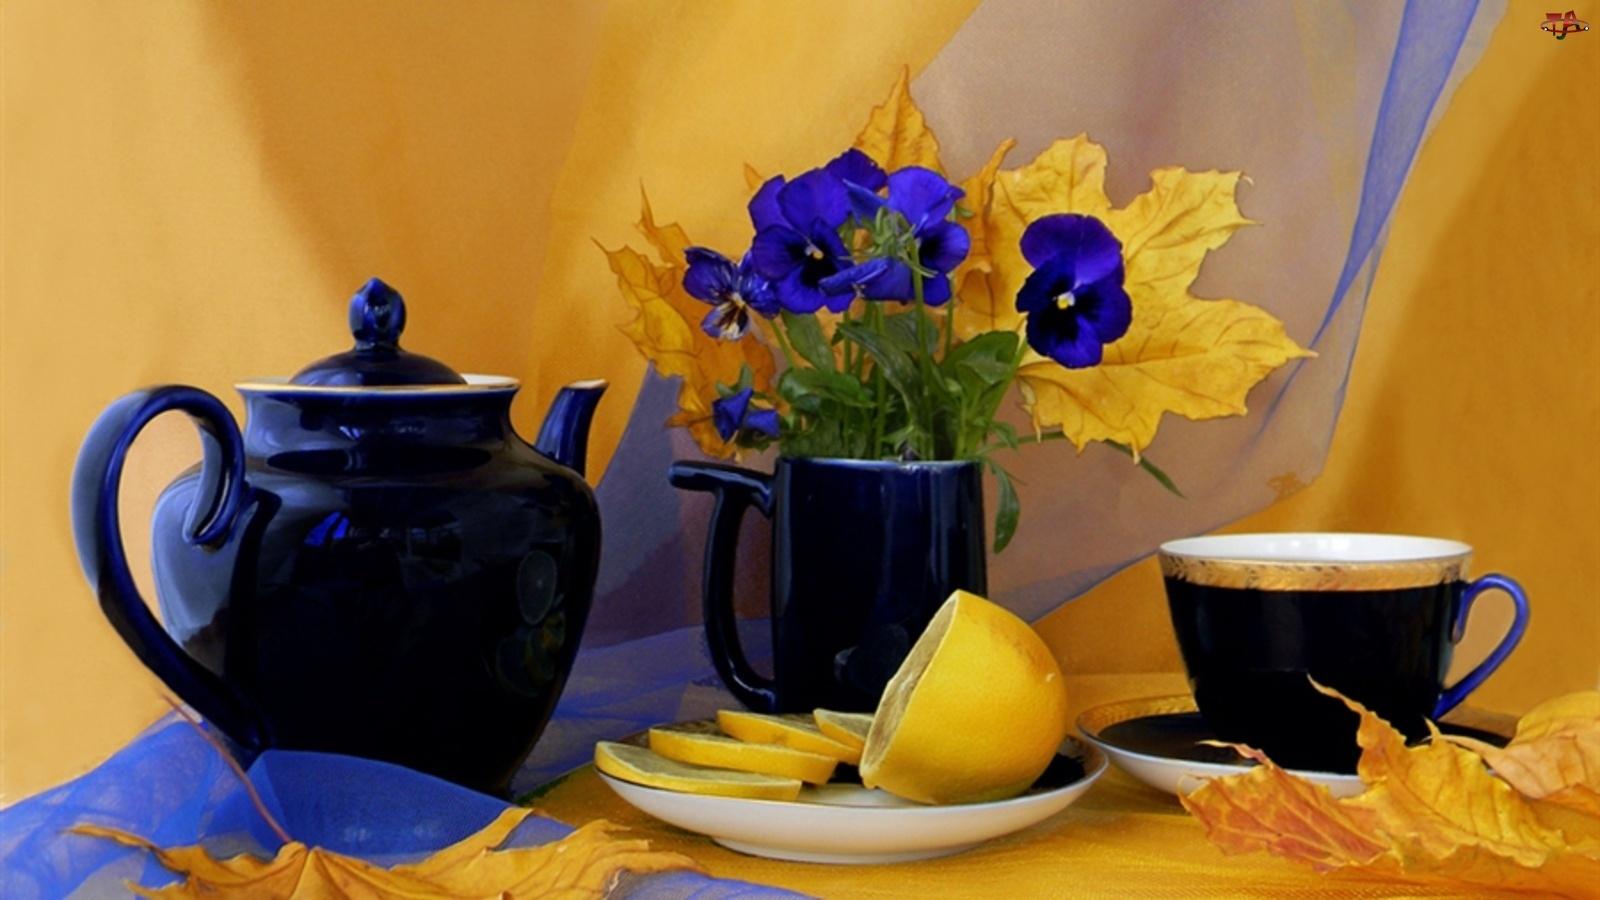 Herbatka, Cytrynka, Czajniczek, Bratki